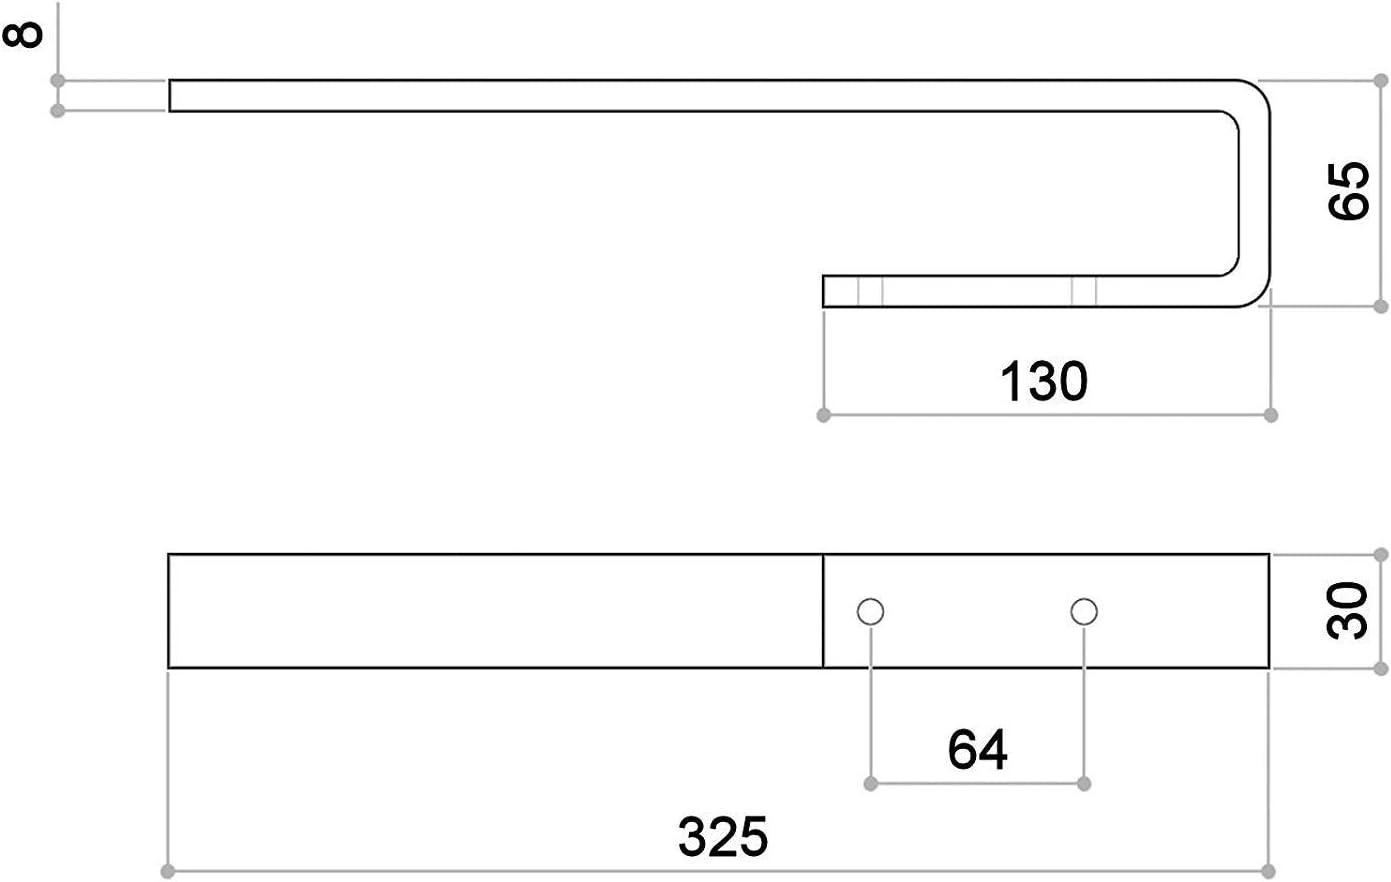 325 mm//Breite 30 mm//Materialst/ärke 65 mm//H/öhe 8 mm//Tuchhalter Handtuchreling Handtuchstange von SO-TECH/® Handtuchhalter PELI f/ür Schrankmontage//Aluminium massiv Chrom poliert//L/änge